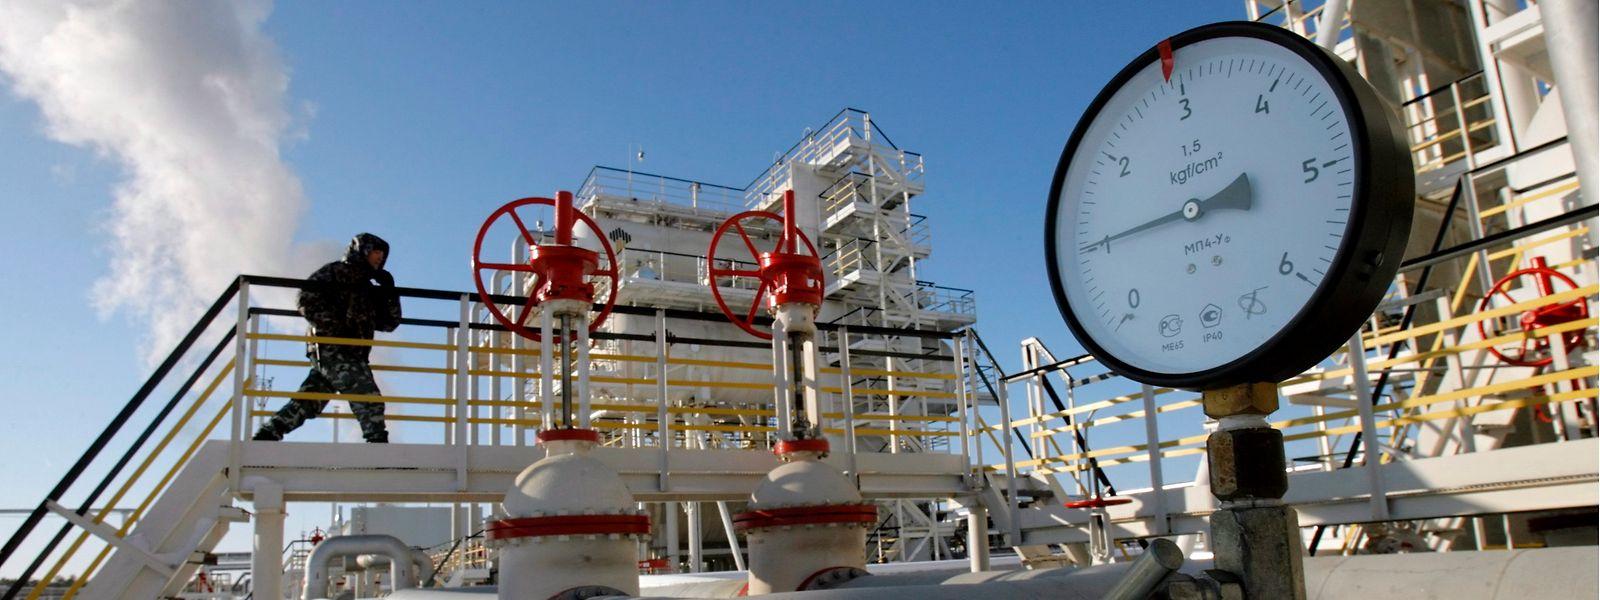 Russland: Die Rohrleitungen der Ölförderanlage Yuganskneftegaz.